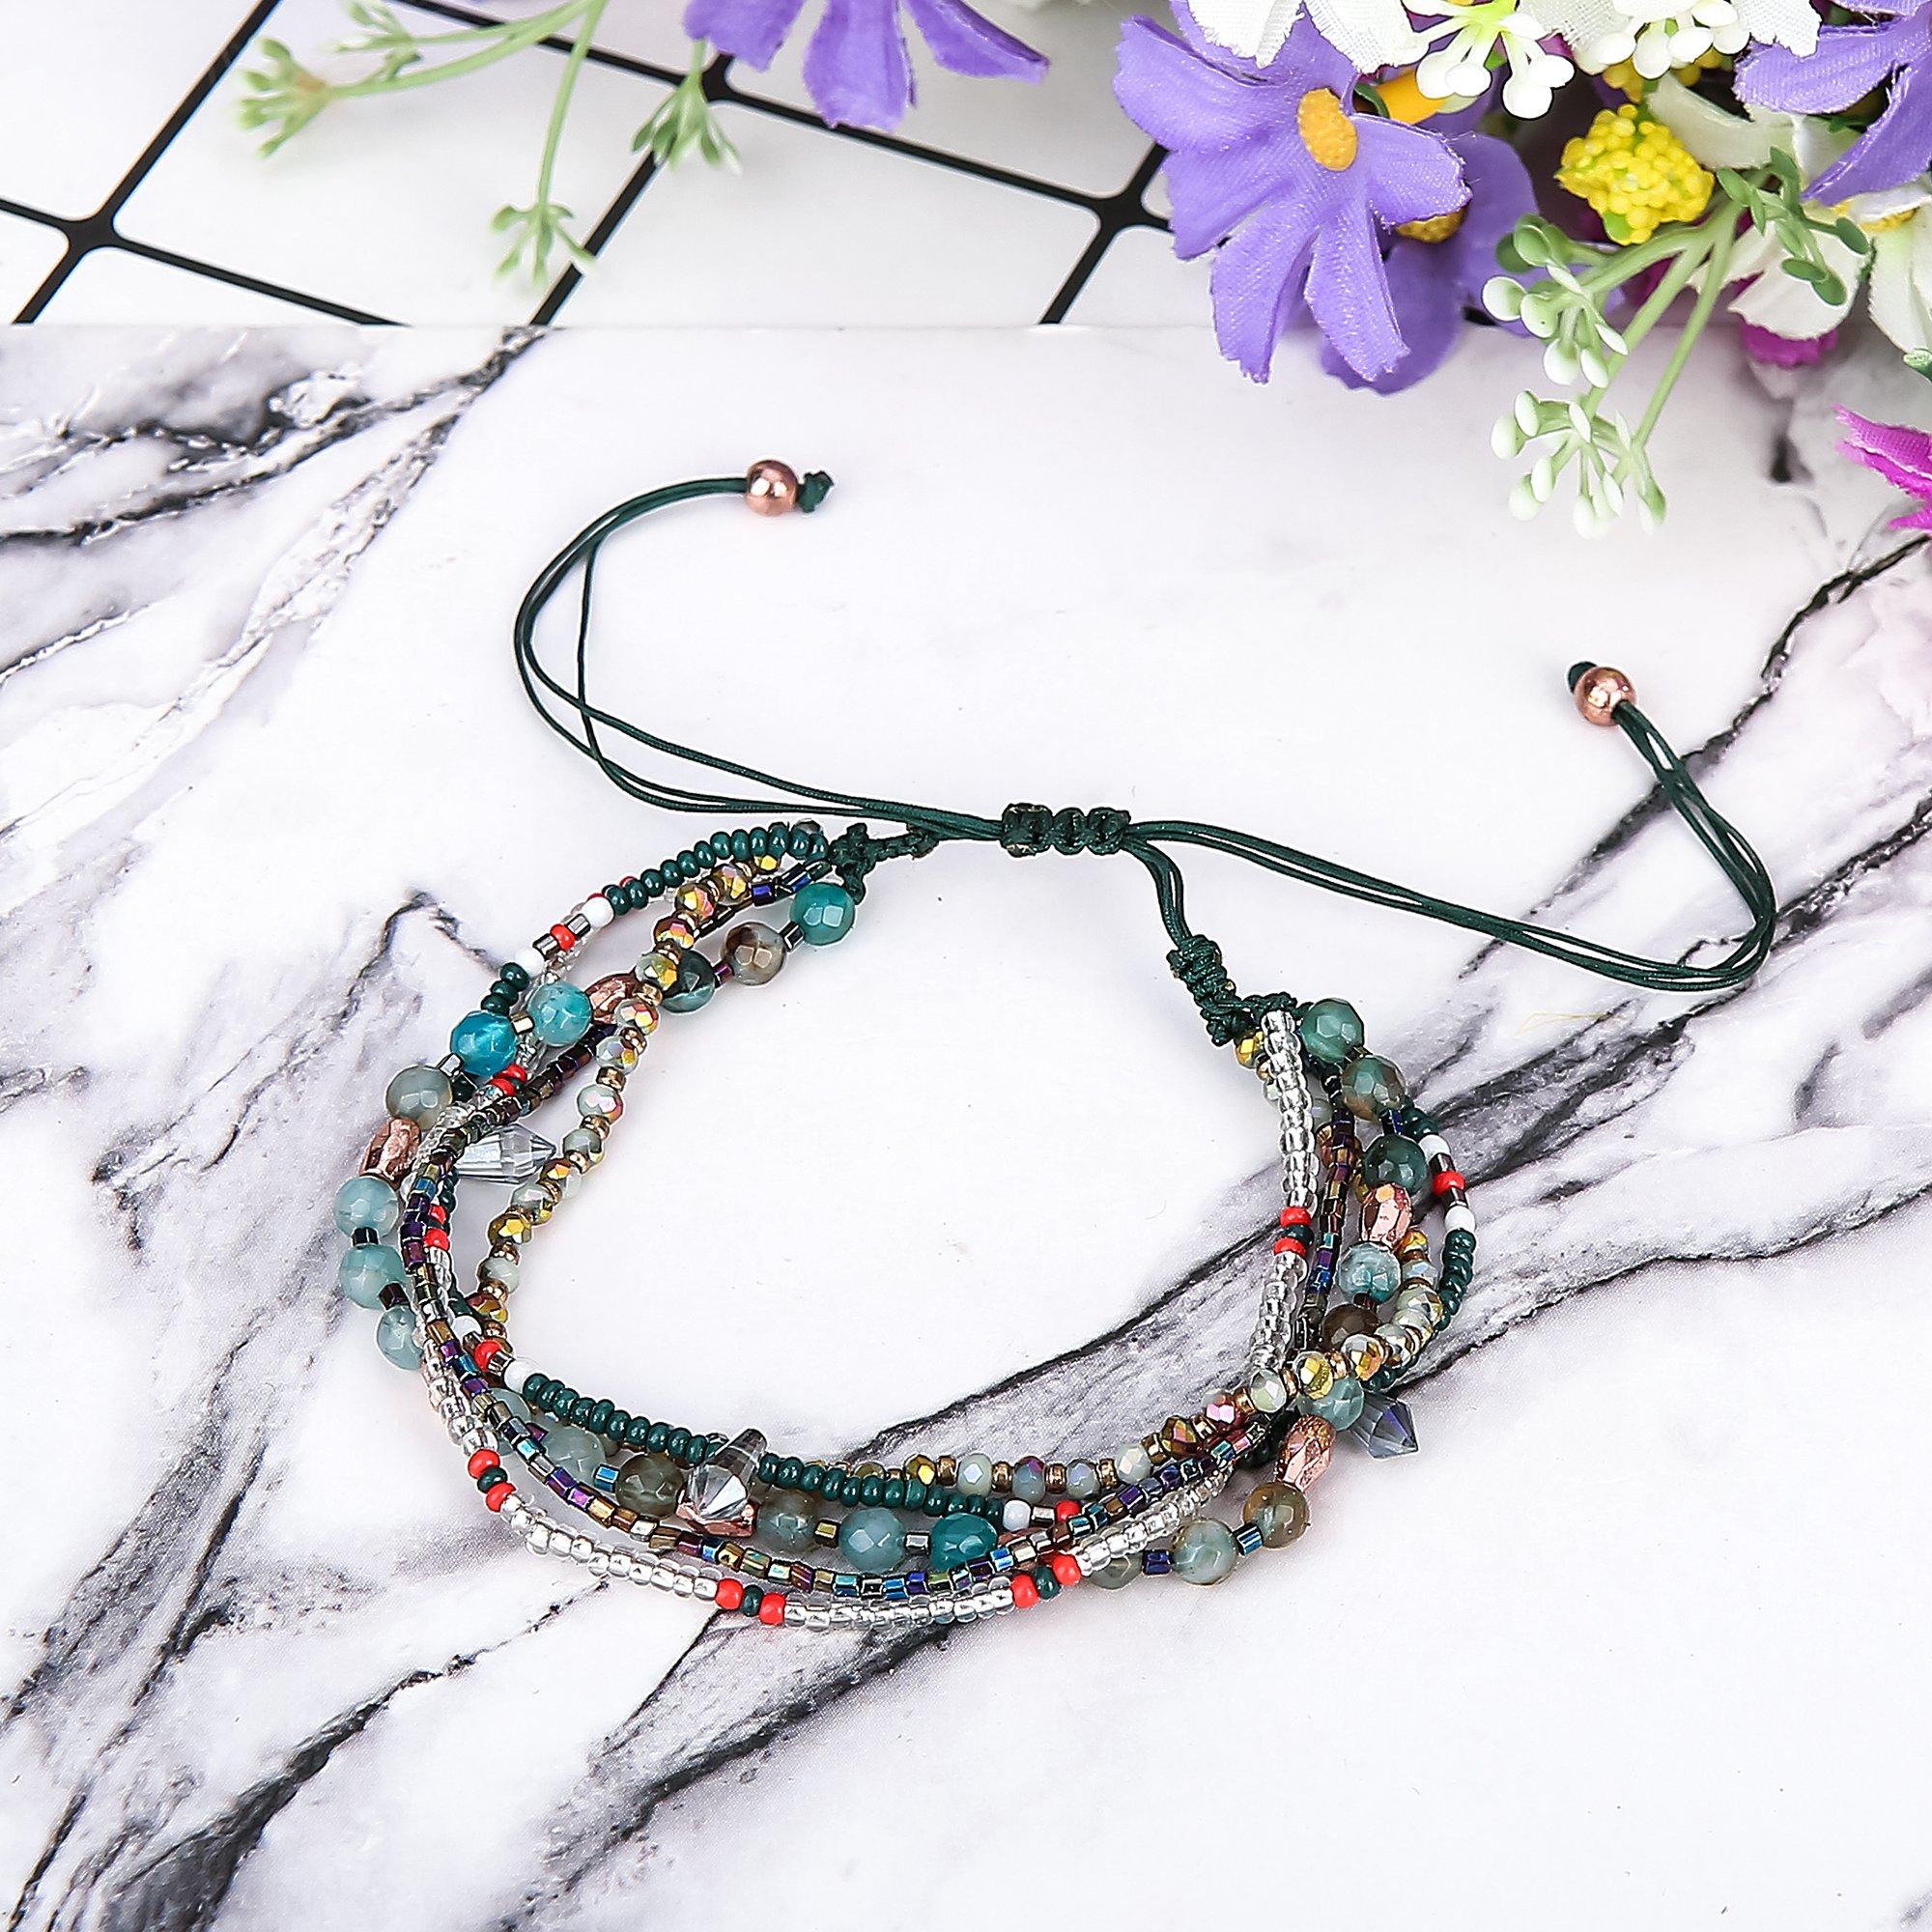 Joya Gift Adjustable Wrap Bracelet Bohemian Braided Beads Summer Beach Anklet for Women Girls by Joya Gift (Image #7)